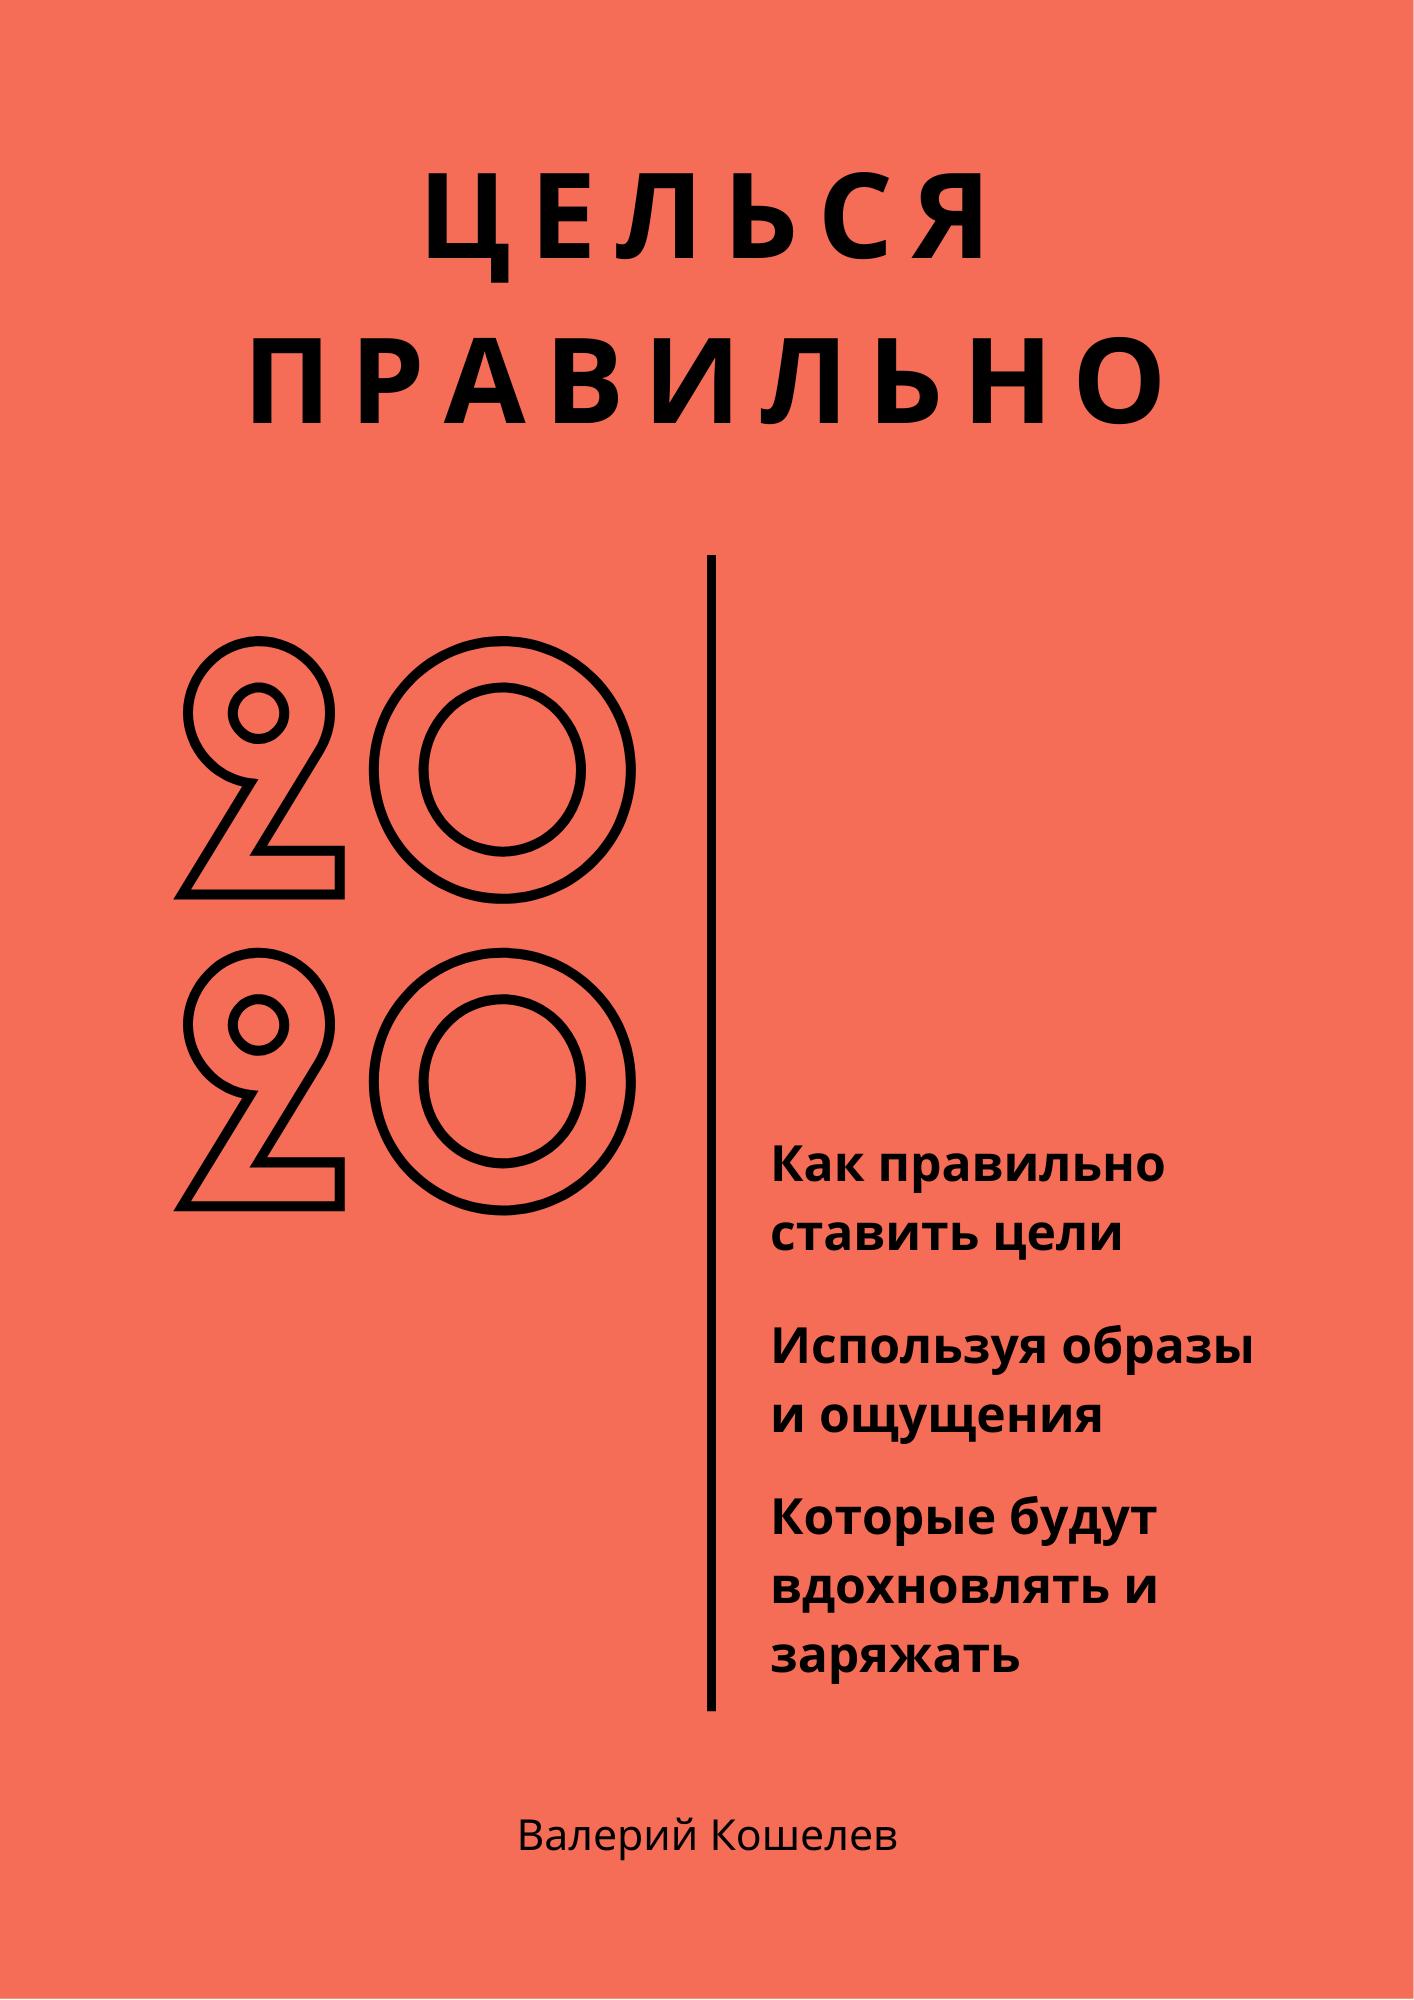 Постановка целей - Валерий Кошелев - Чек-лист